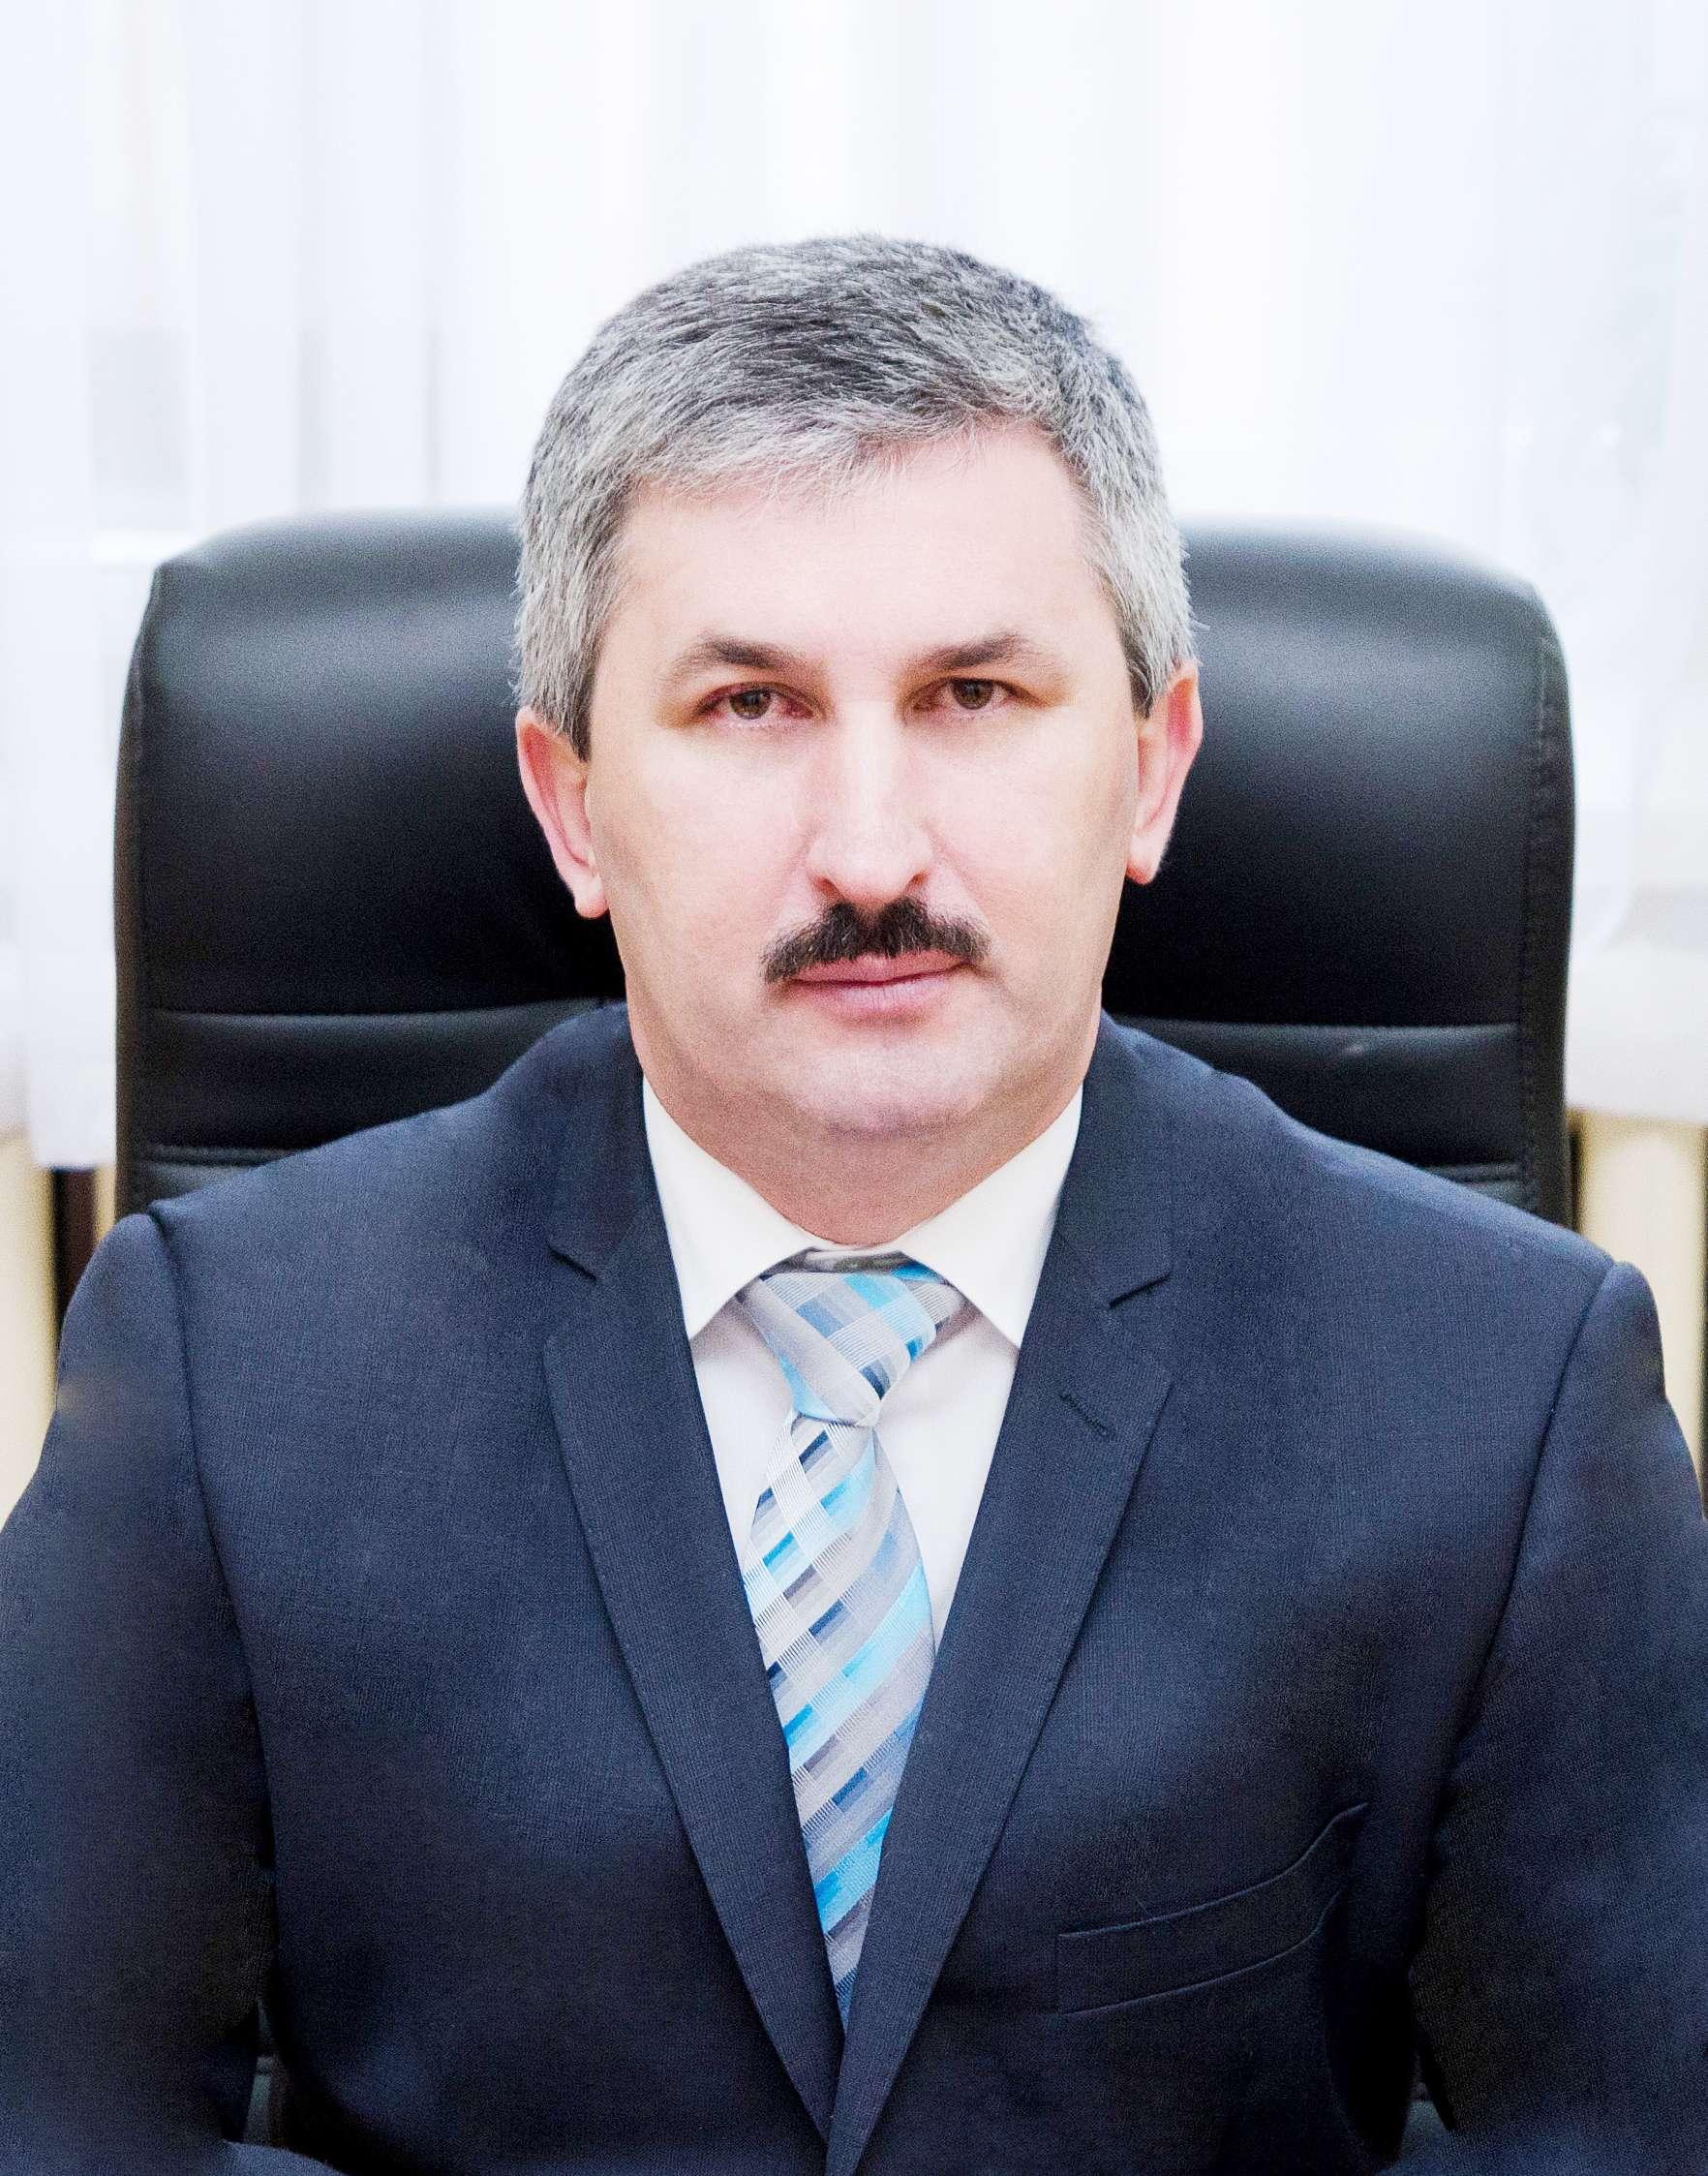 Кількість постраждалих від отруєння на двох весіллях у Чернівецькій області зросла до 49